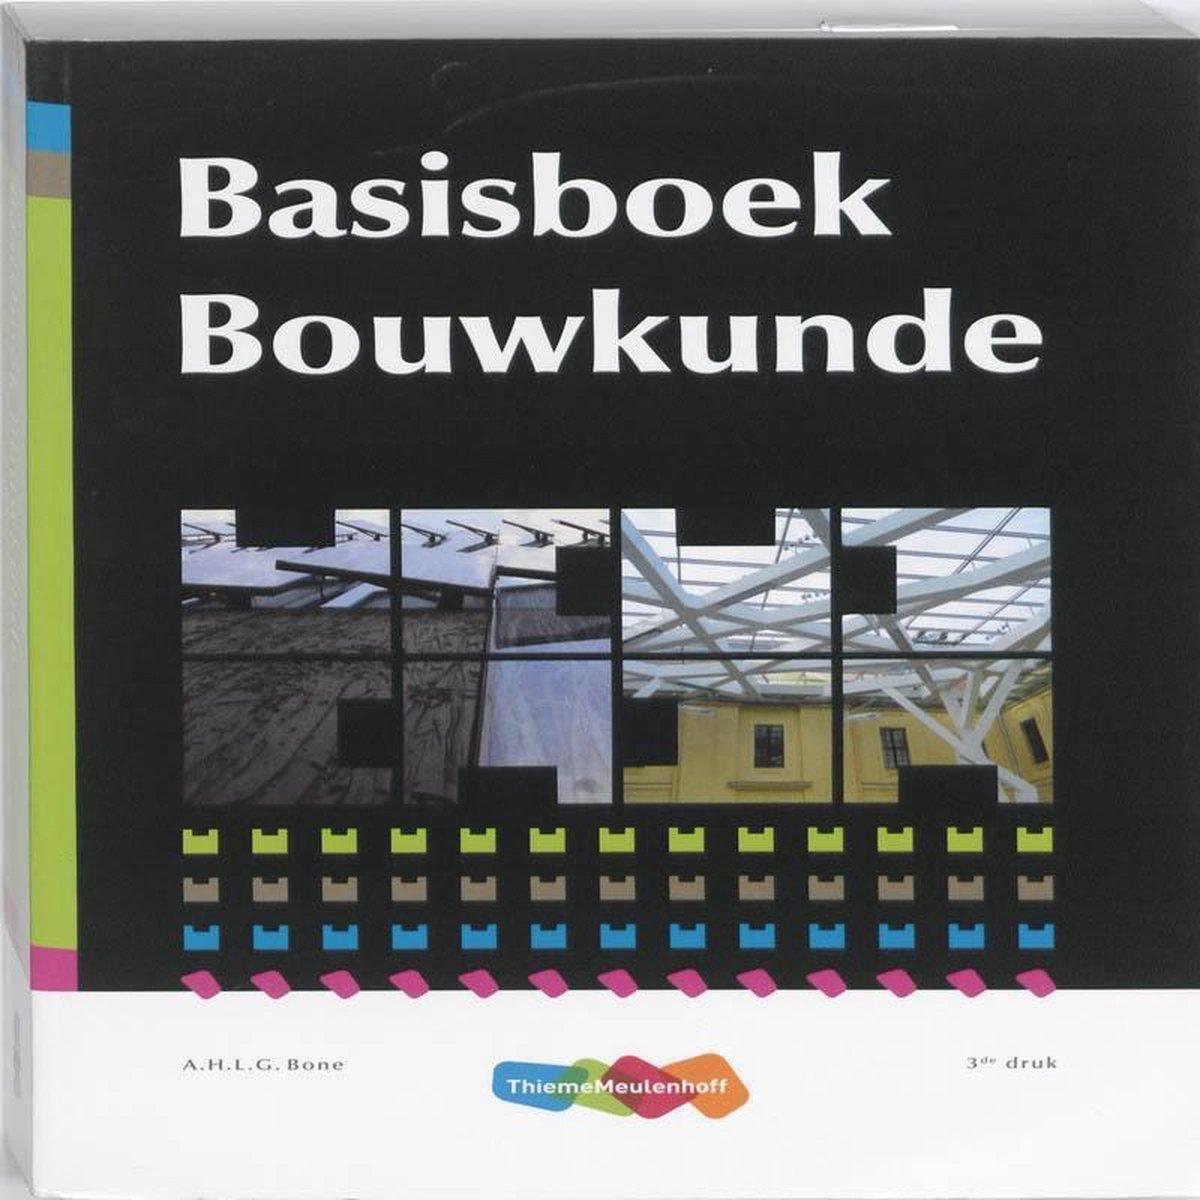 Basisboek Bouwkunde - A.H.L.G. Bone